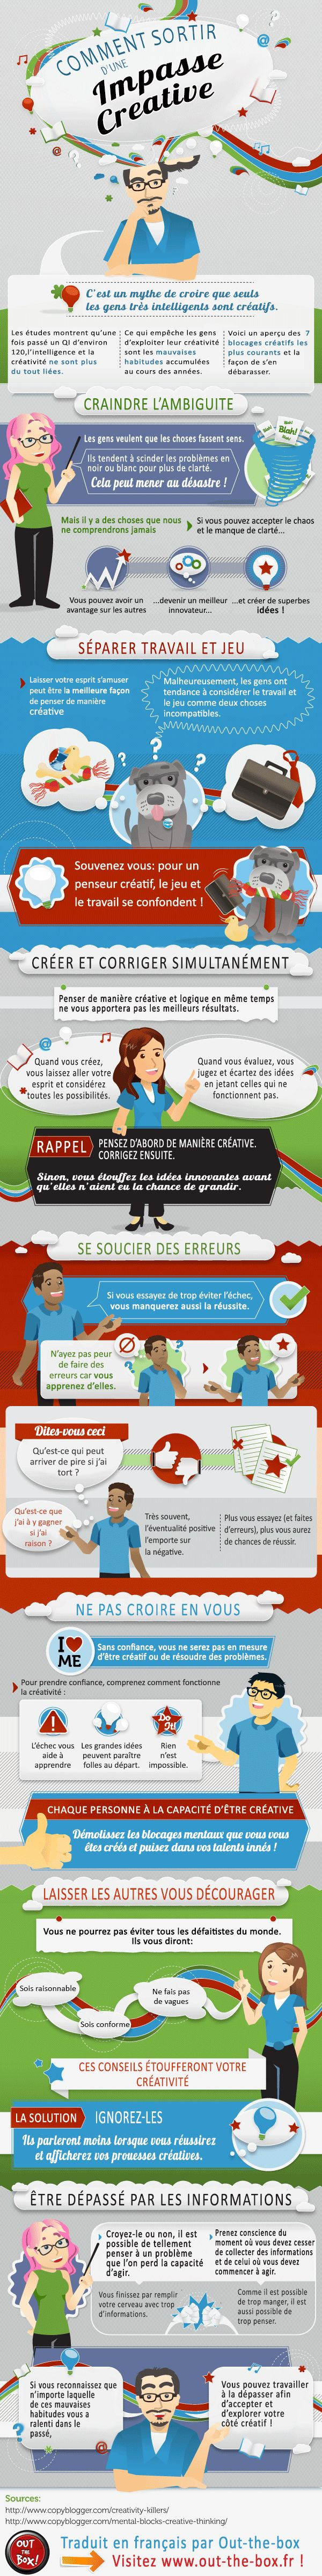 Infographie: comment sortir d'une impasse créative ? Tous les créatifs connaissent à un moment ou à un autre cette situation: le blocage créatif ! Continuez à lire sur : http://www.out-the-box.fr/infographie-comment-sortir-dune-impasse-creative/#ixzz37ZIfSYR2 Follow us: @outzebox on Twitter | OutTheBox.fr on Facebook